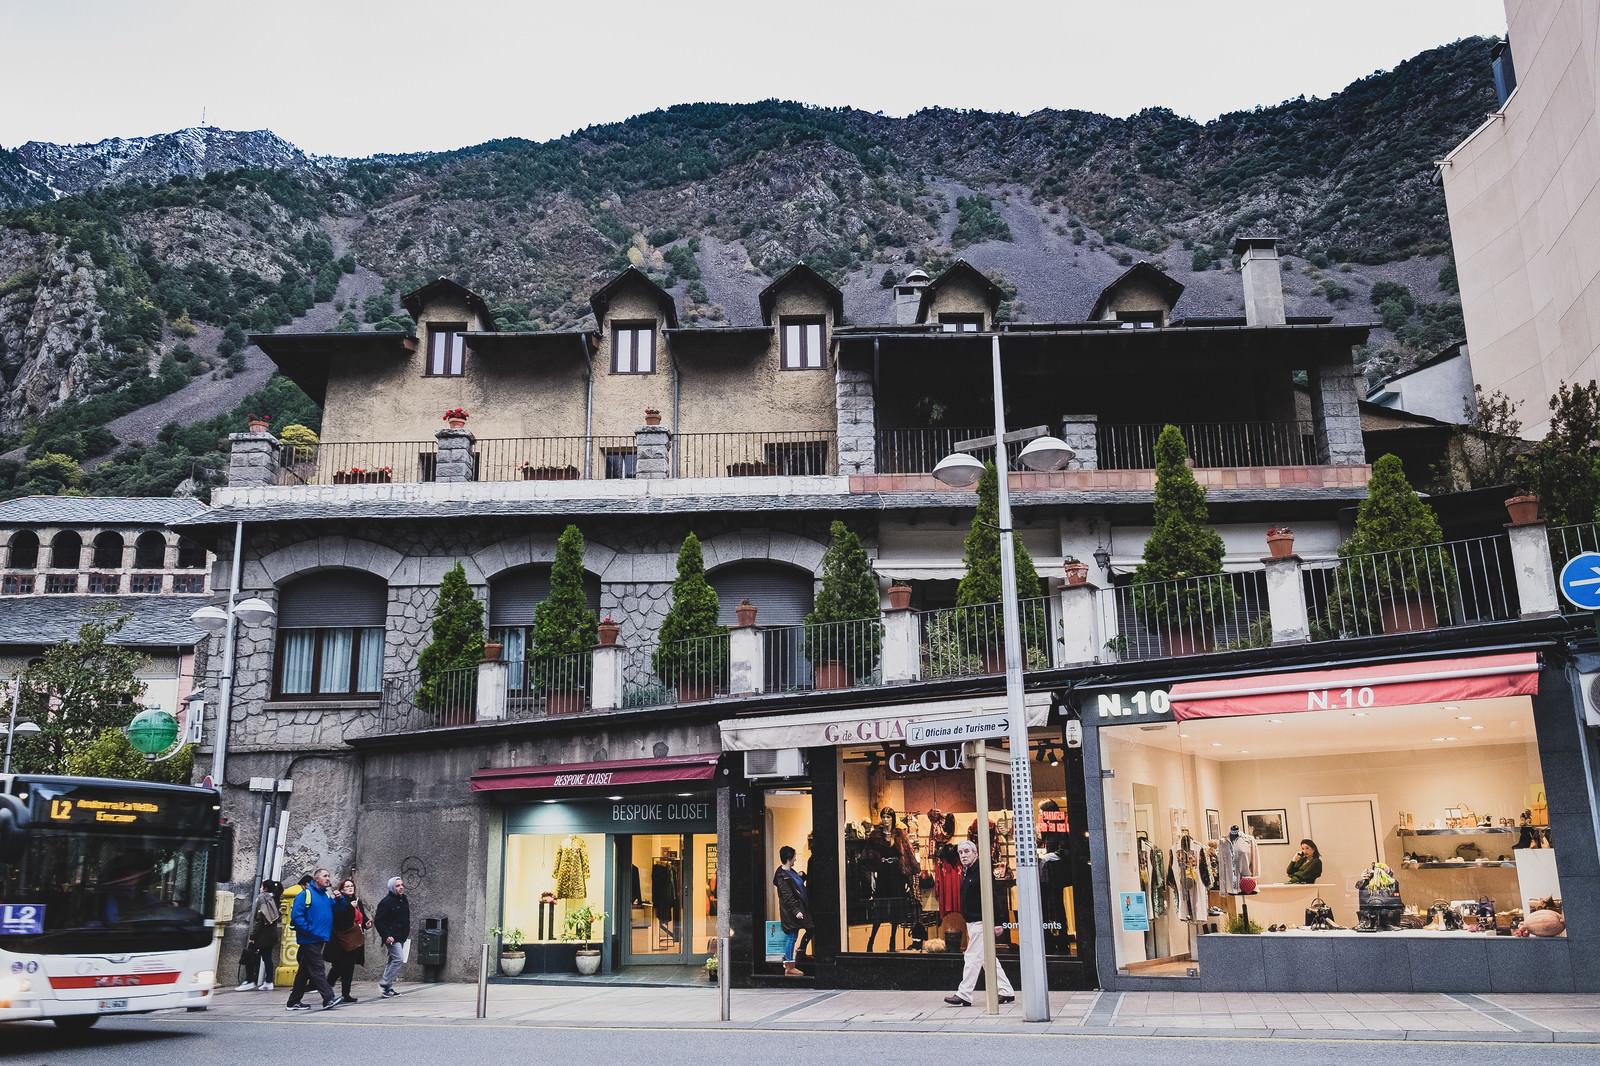 「山に囲まれた観光地のショップ」の写真